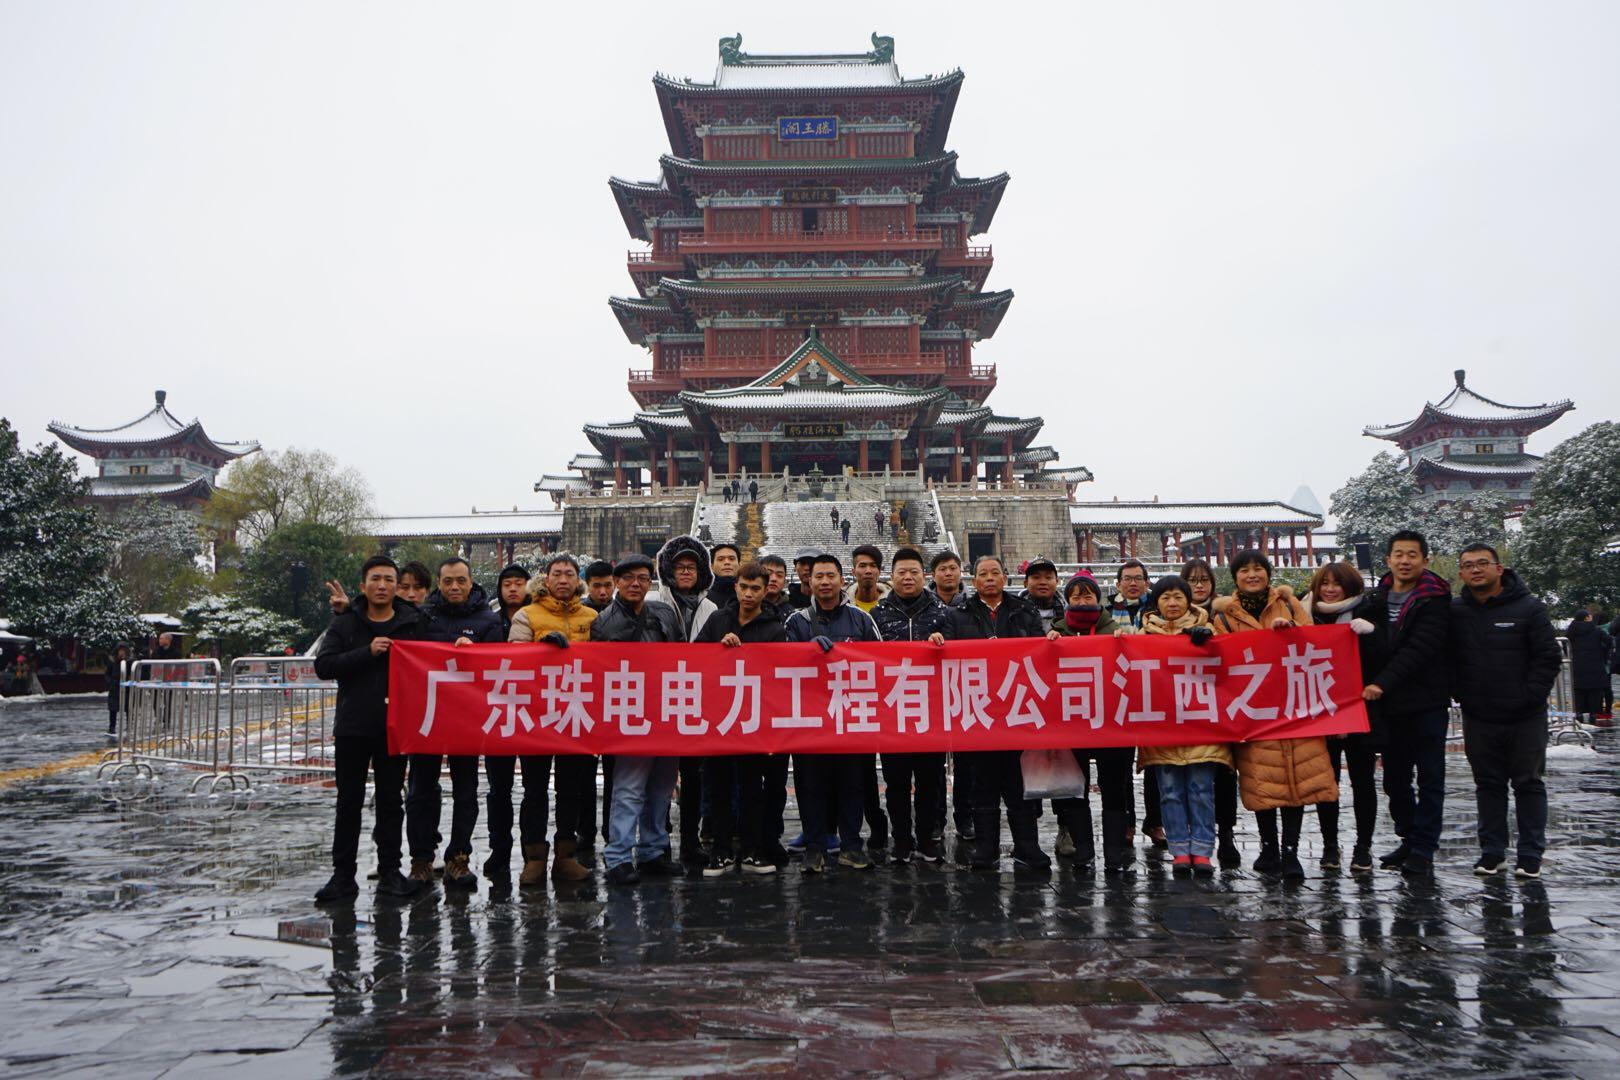 广东珠电电力工程有限公司